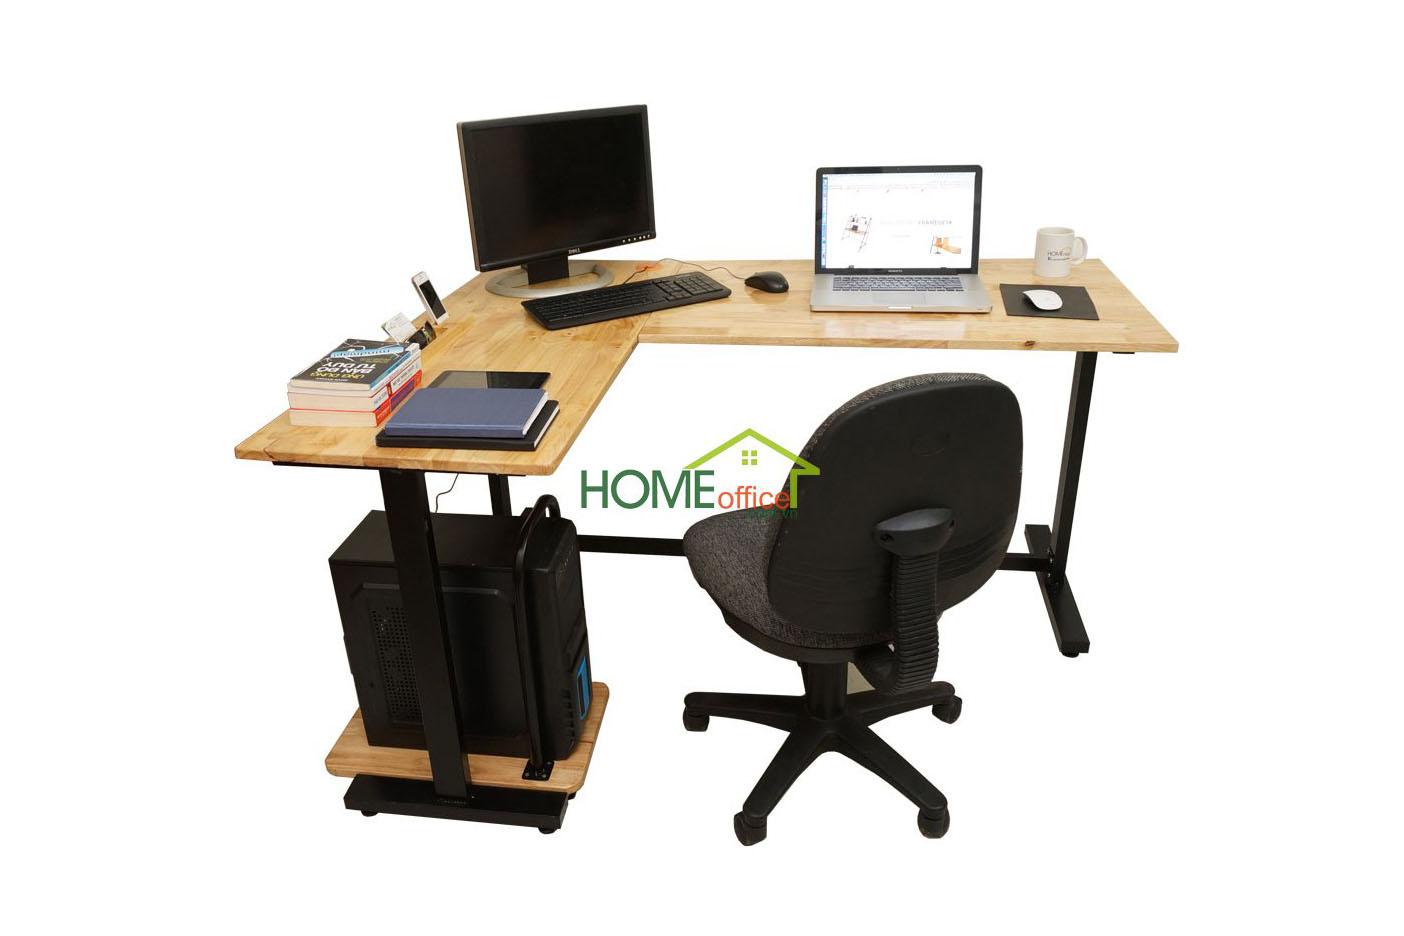 bàn làm việc giá rẻ tại nhà